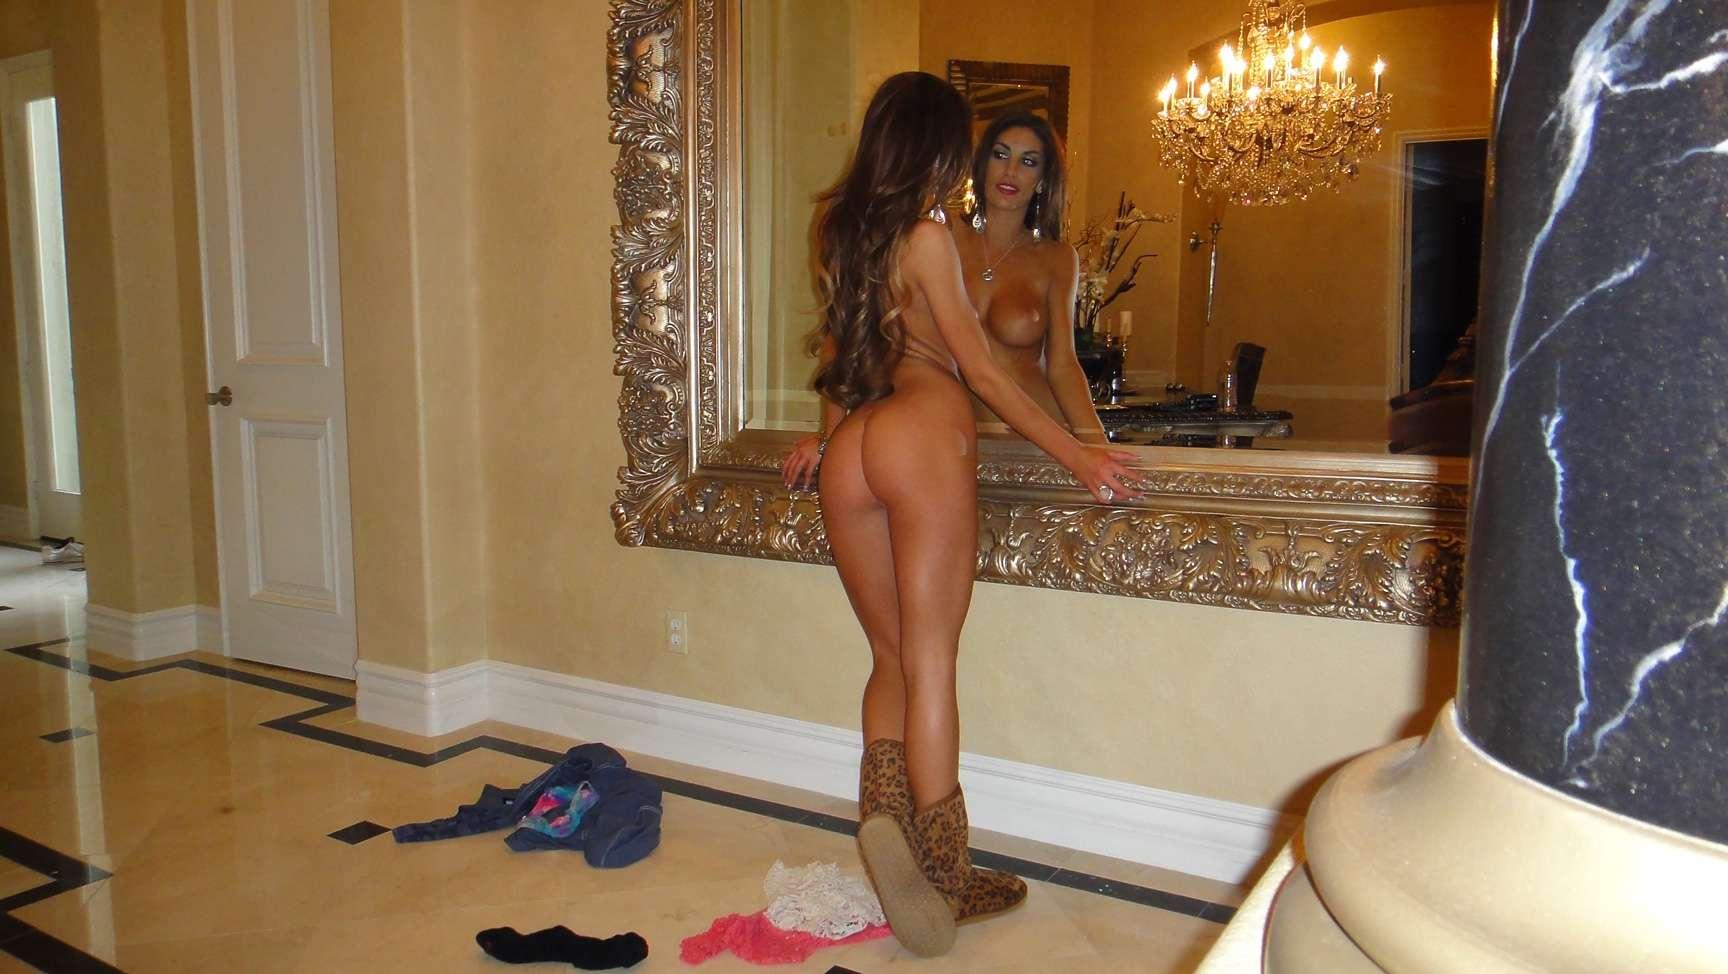 Ames desnuda frente al espejo